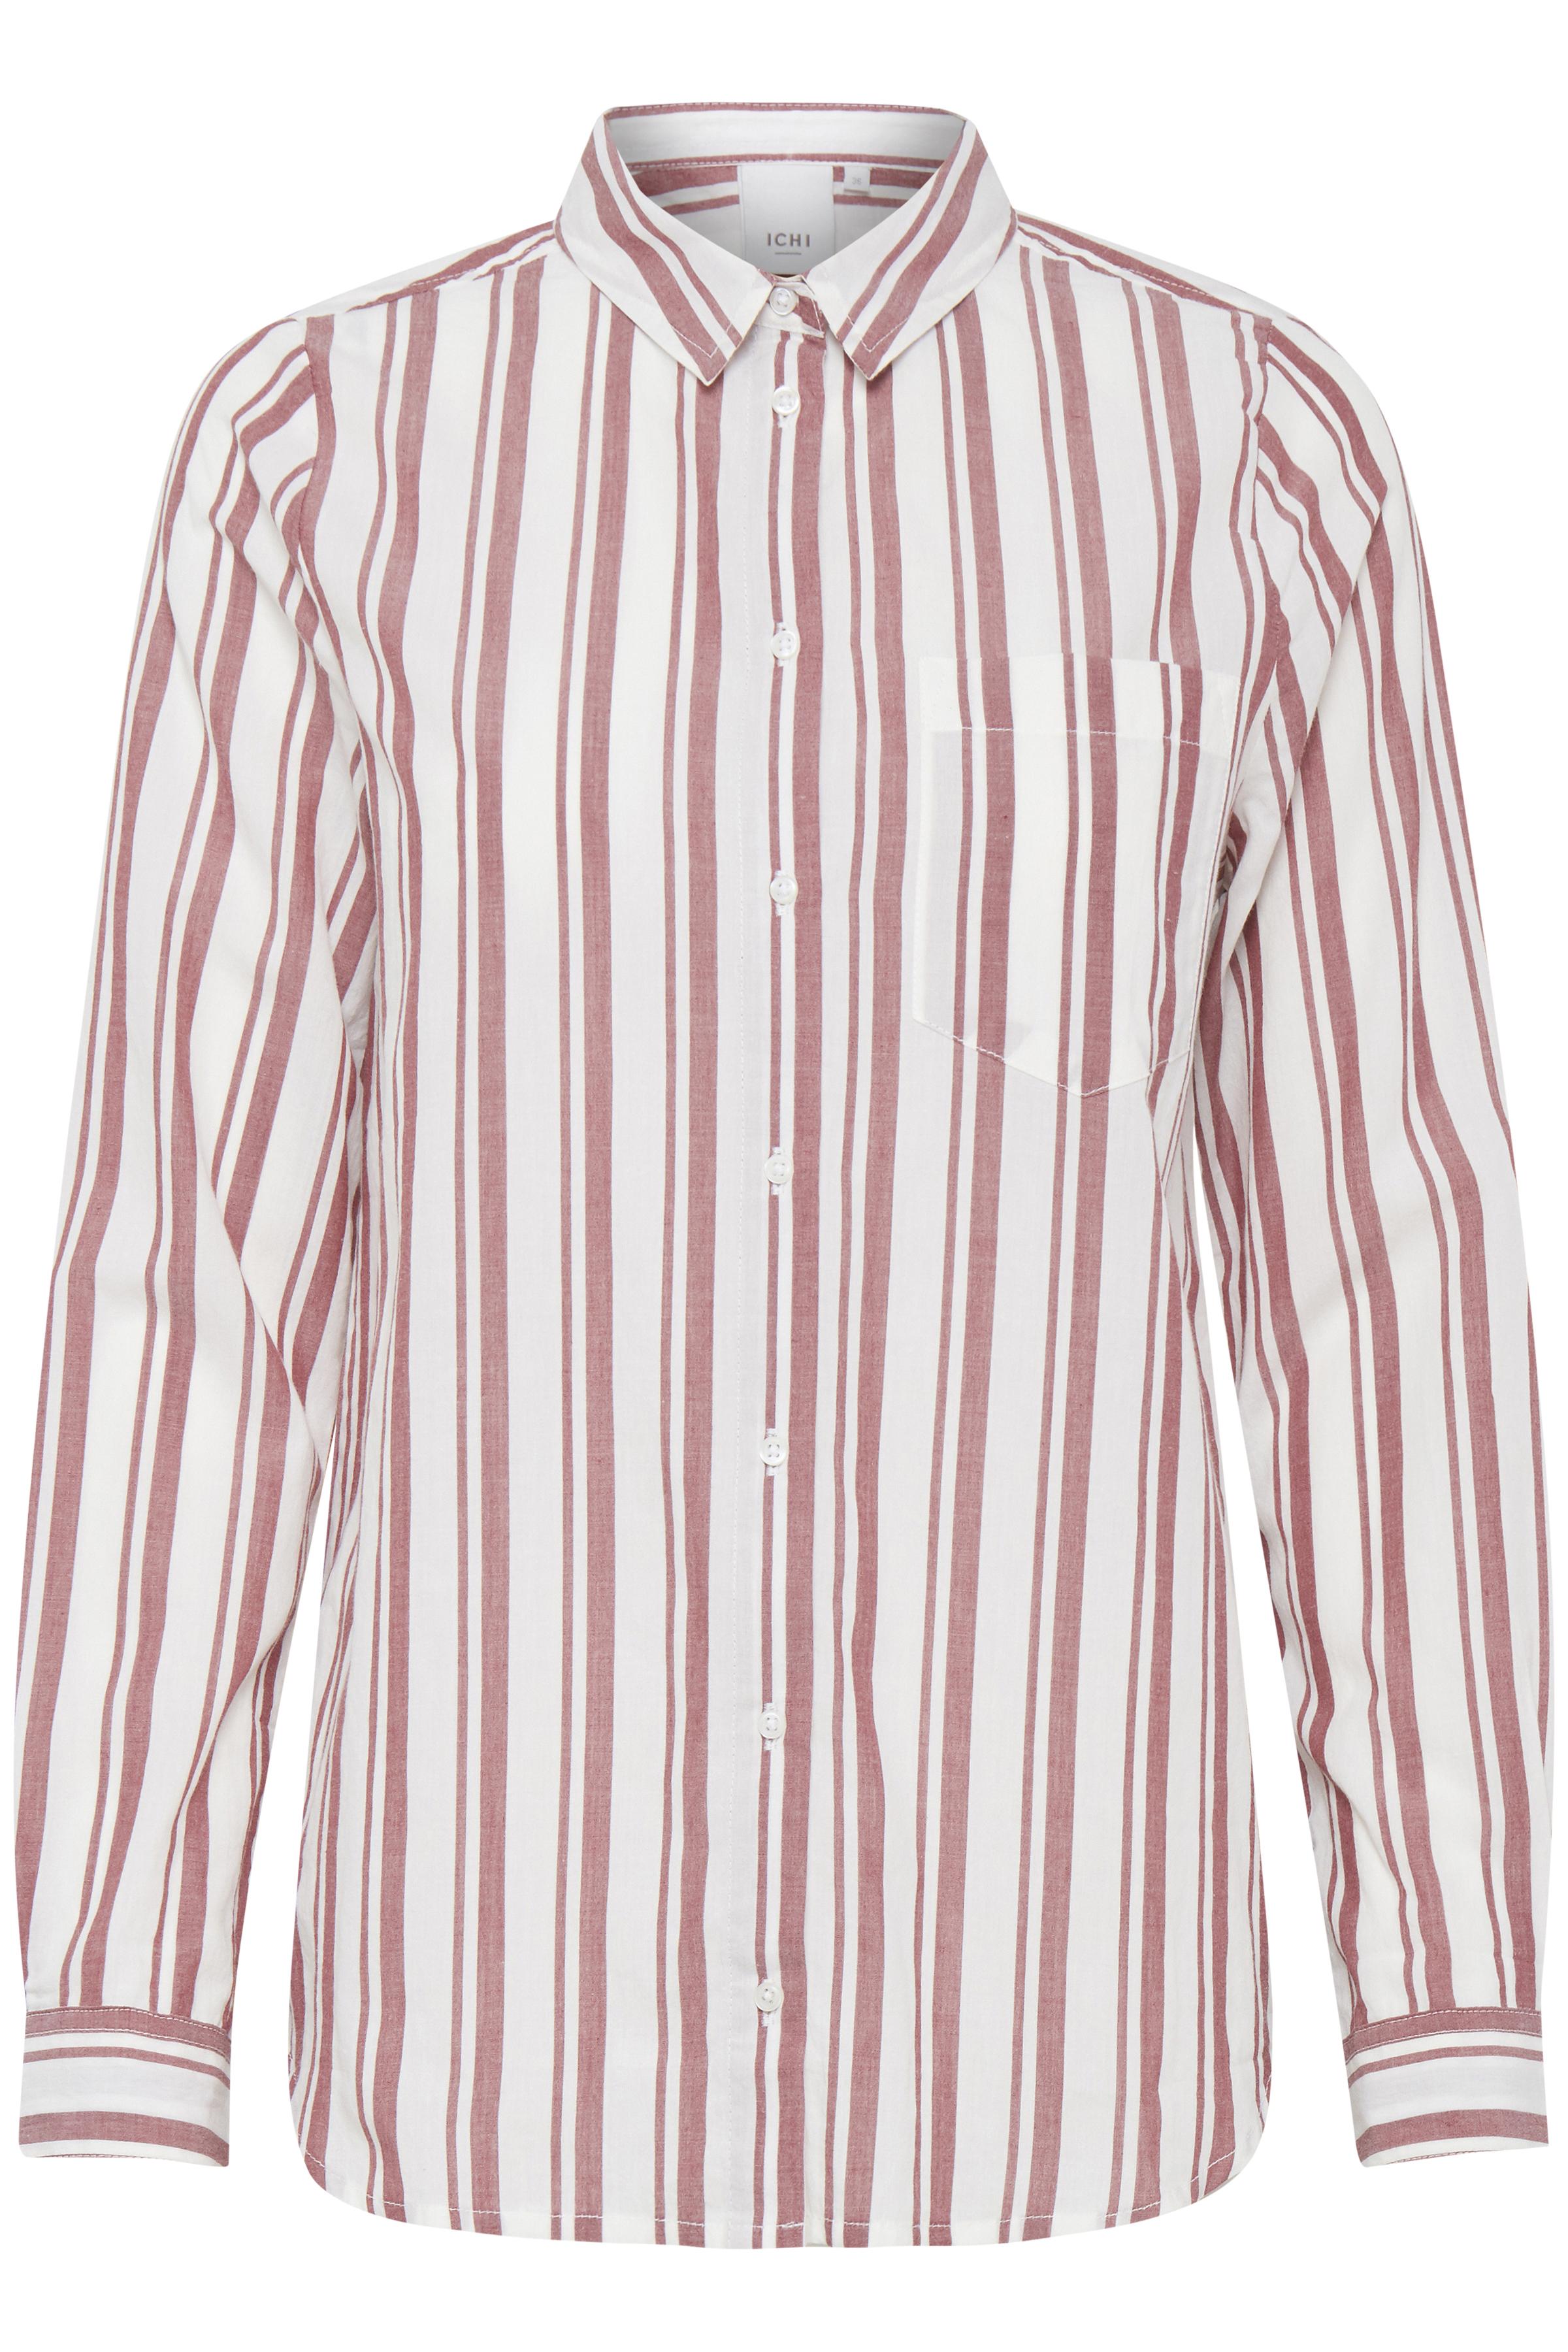 White Swan Langærmet skjorte – Køb White Swan Langærmet skjorte fra str. 34-42 her